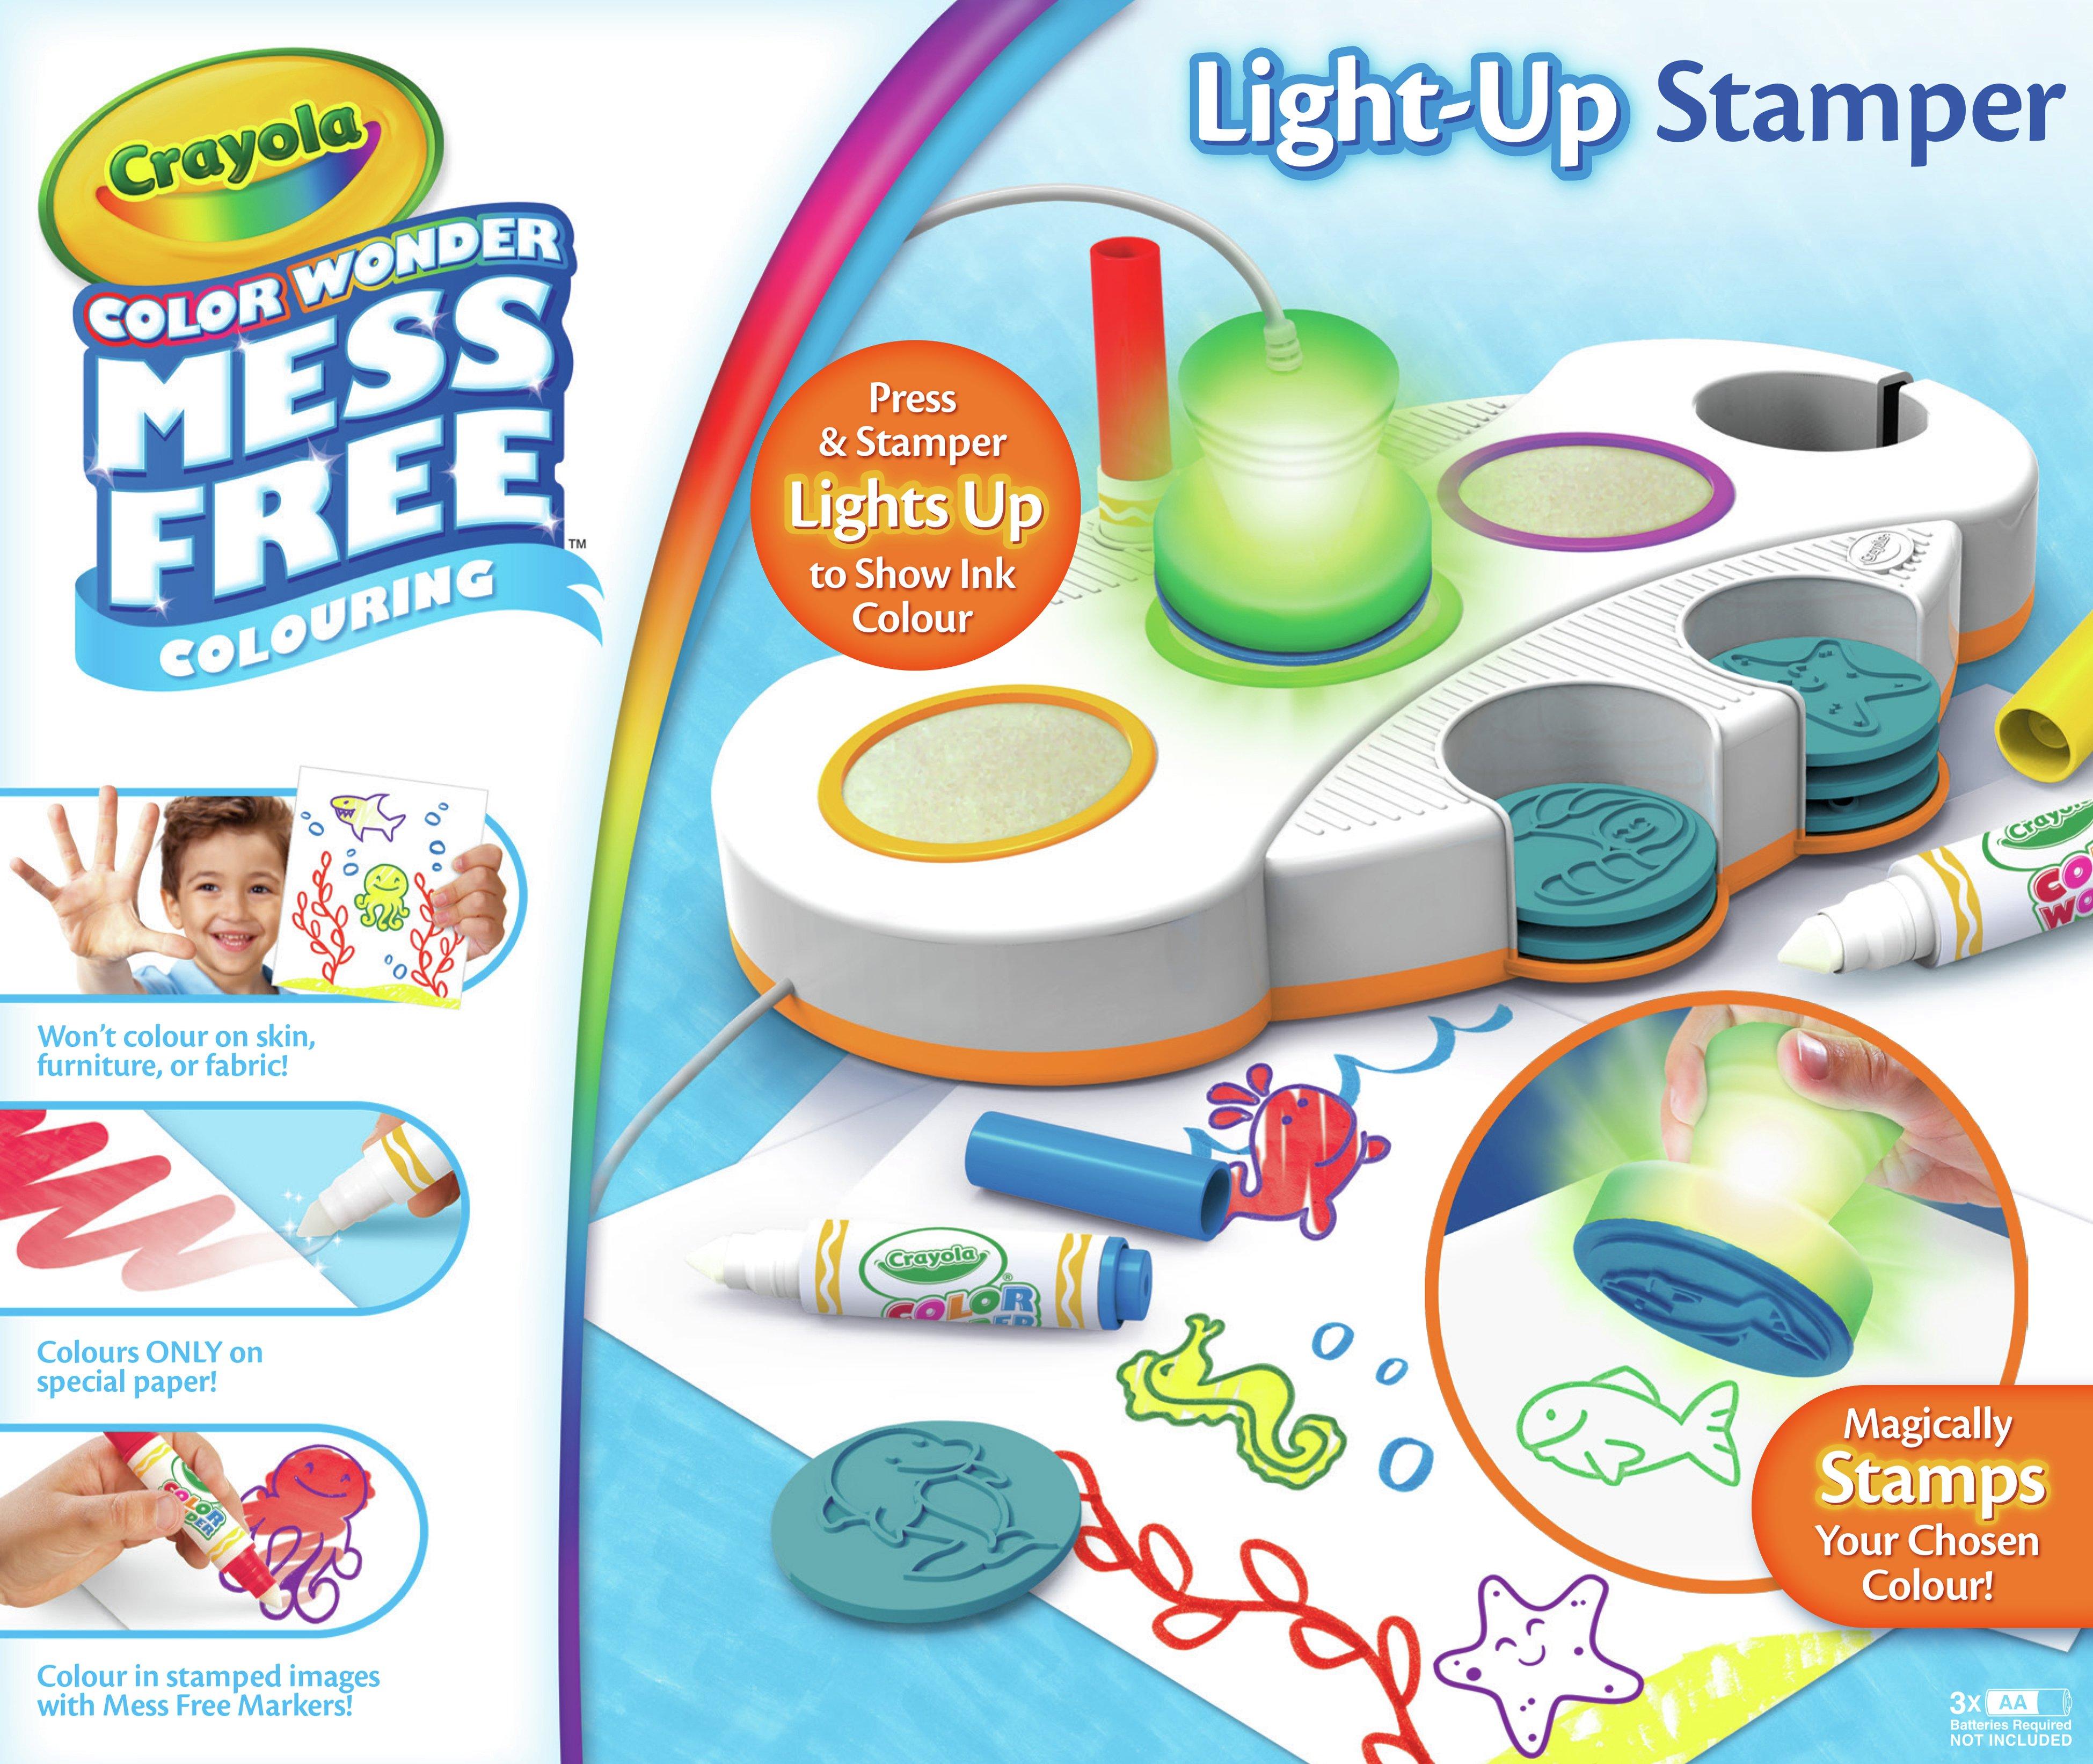 Image of Crayola Colour Wonder Light Up Stamper